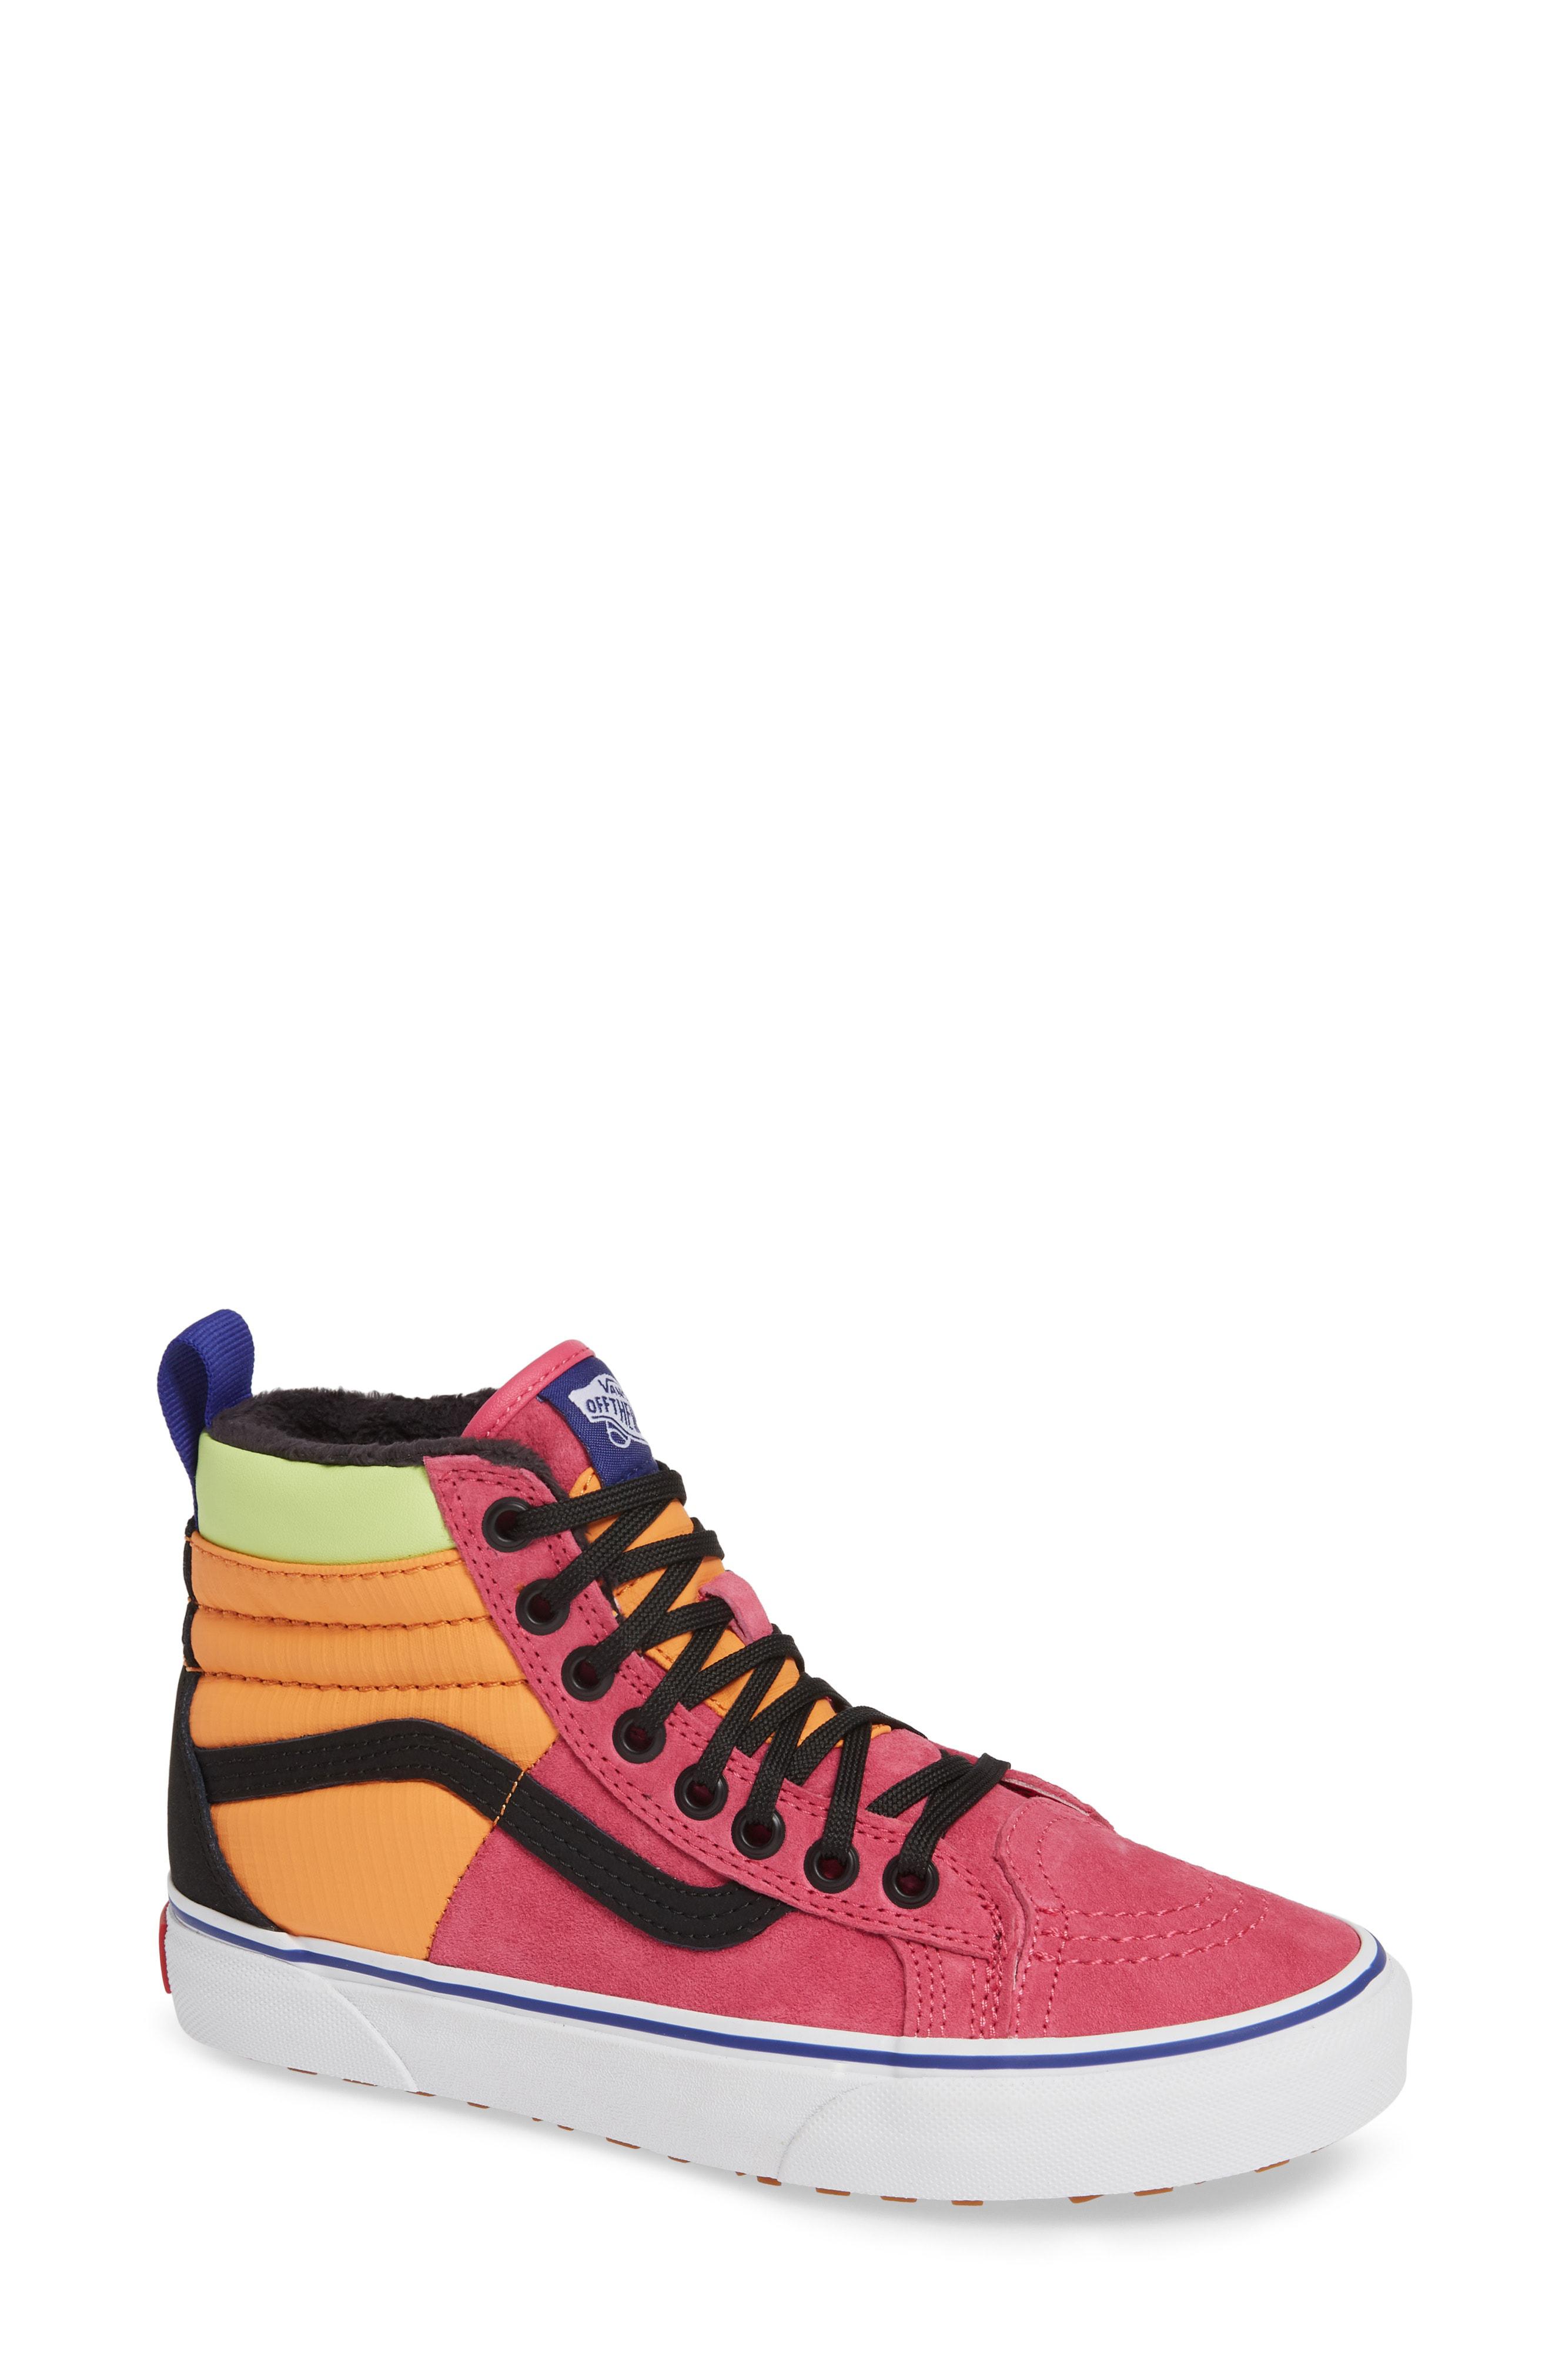 8118bb8b462 Vans Sk8-Hi 46 Mte Dx Sneaker In Pink Yarrow  Tangerine  Black ...